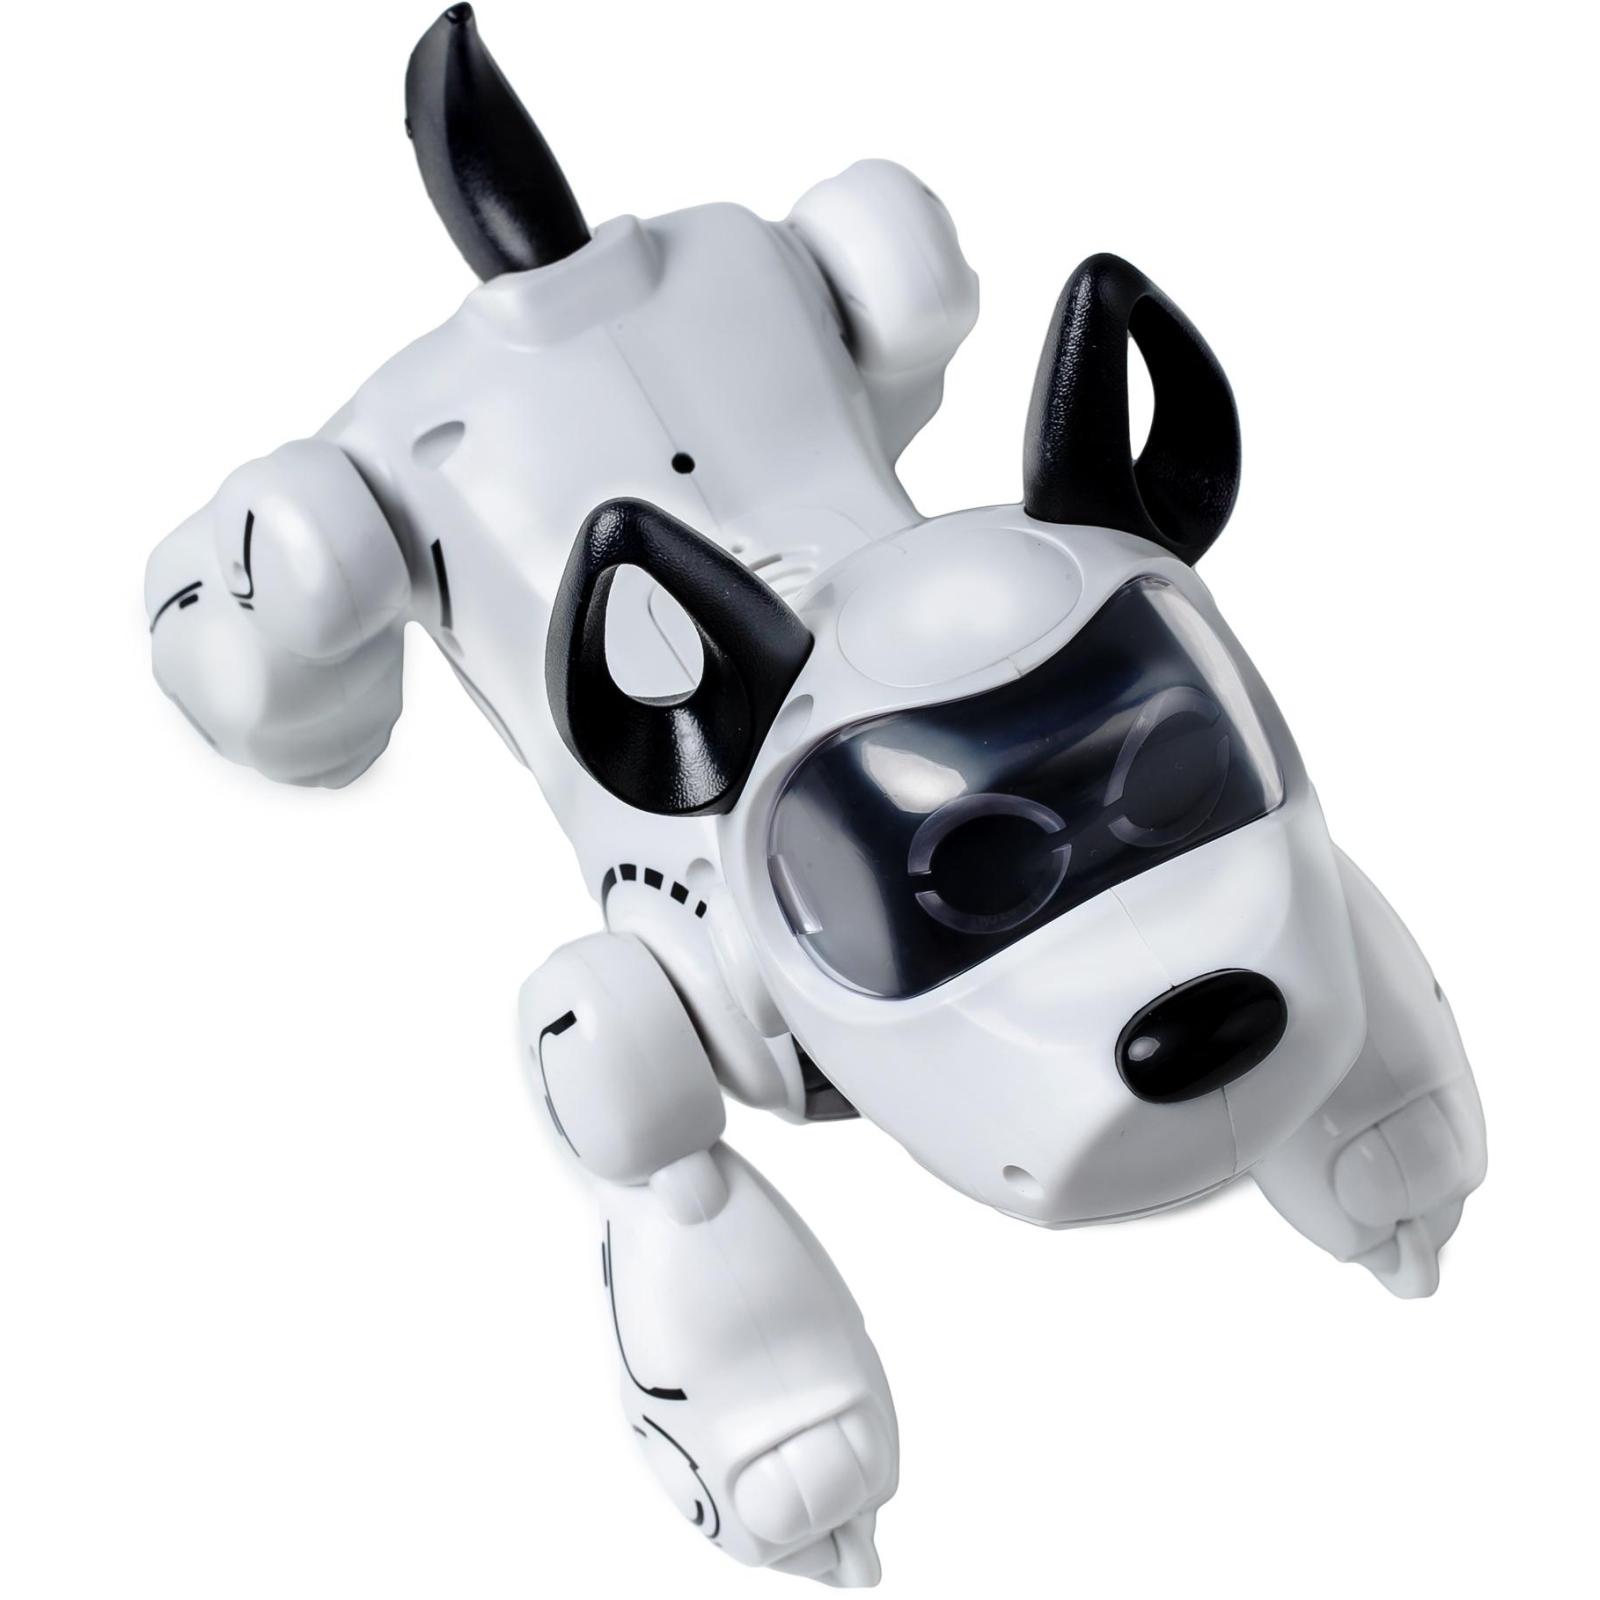 Интерактивная игрушка Silverlit собака-робот PUPBO (88520) изображение 5